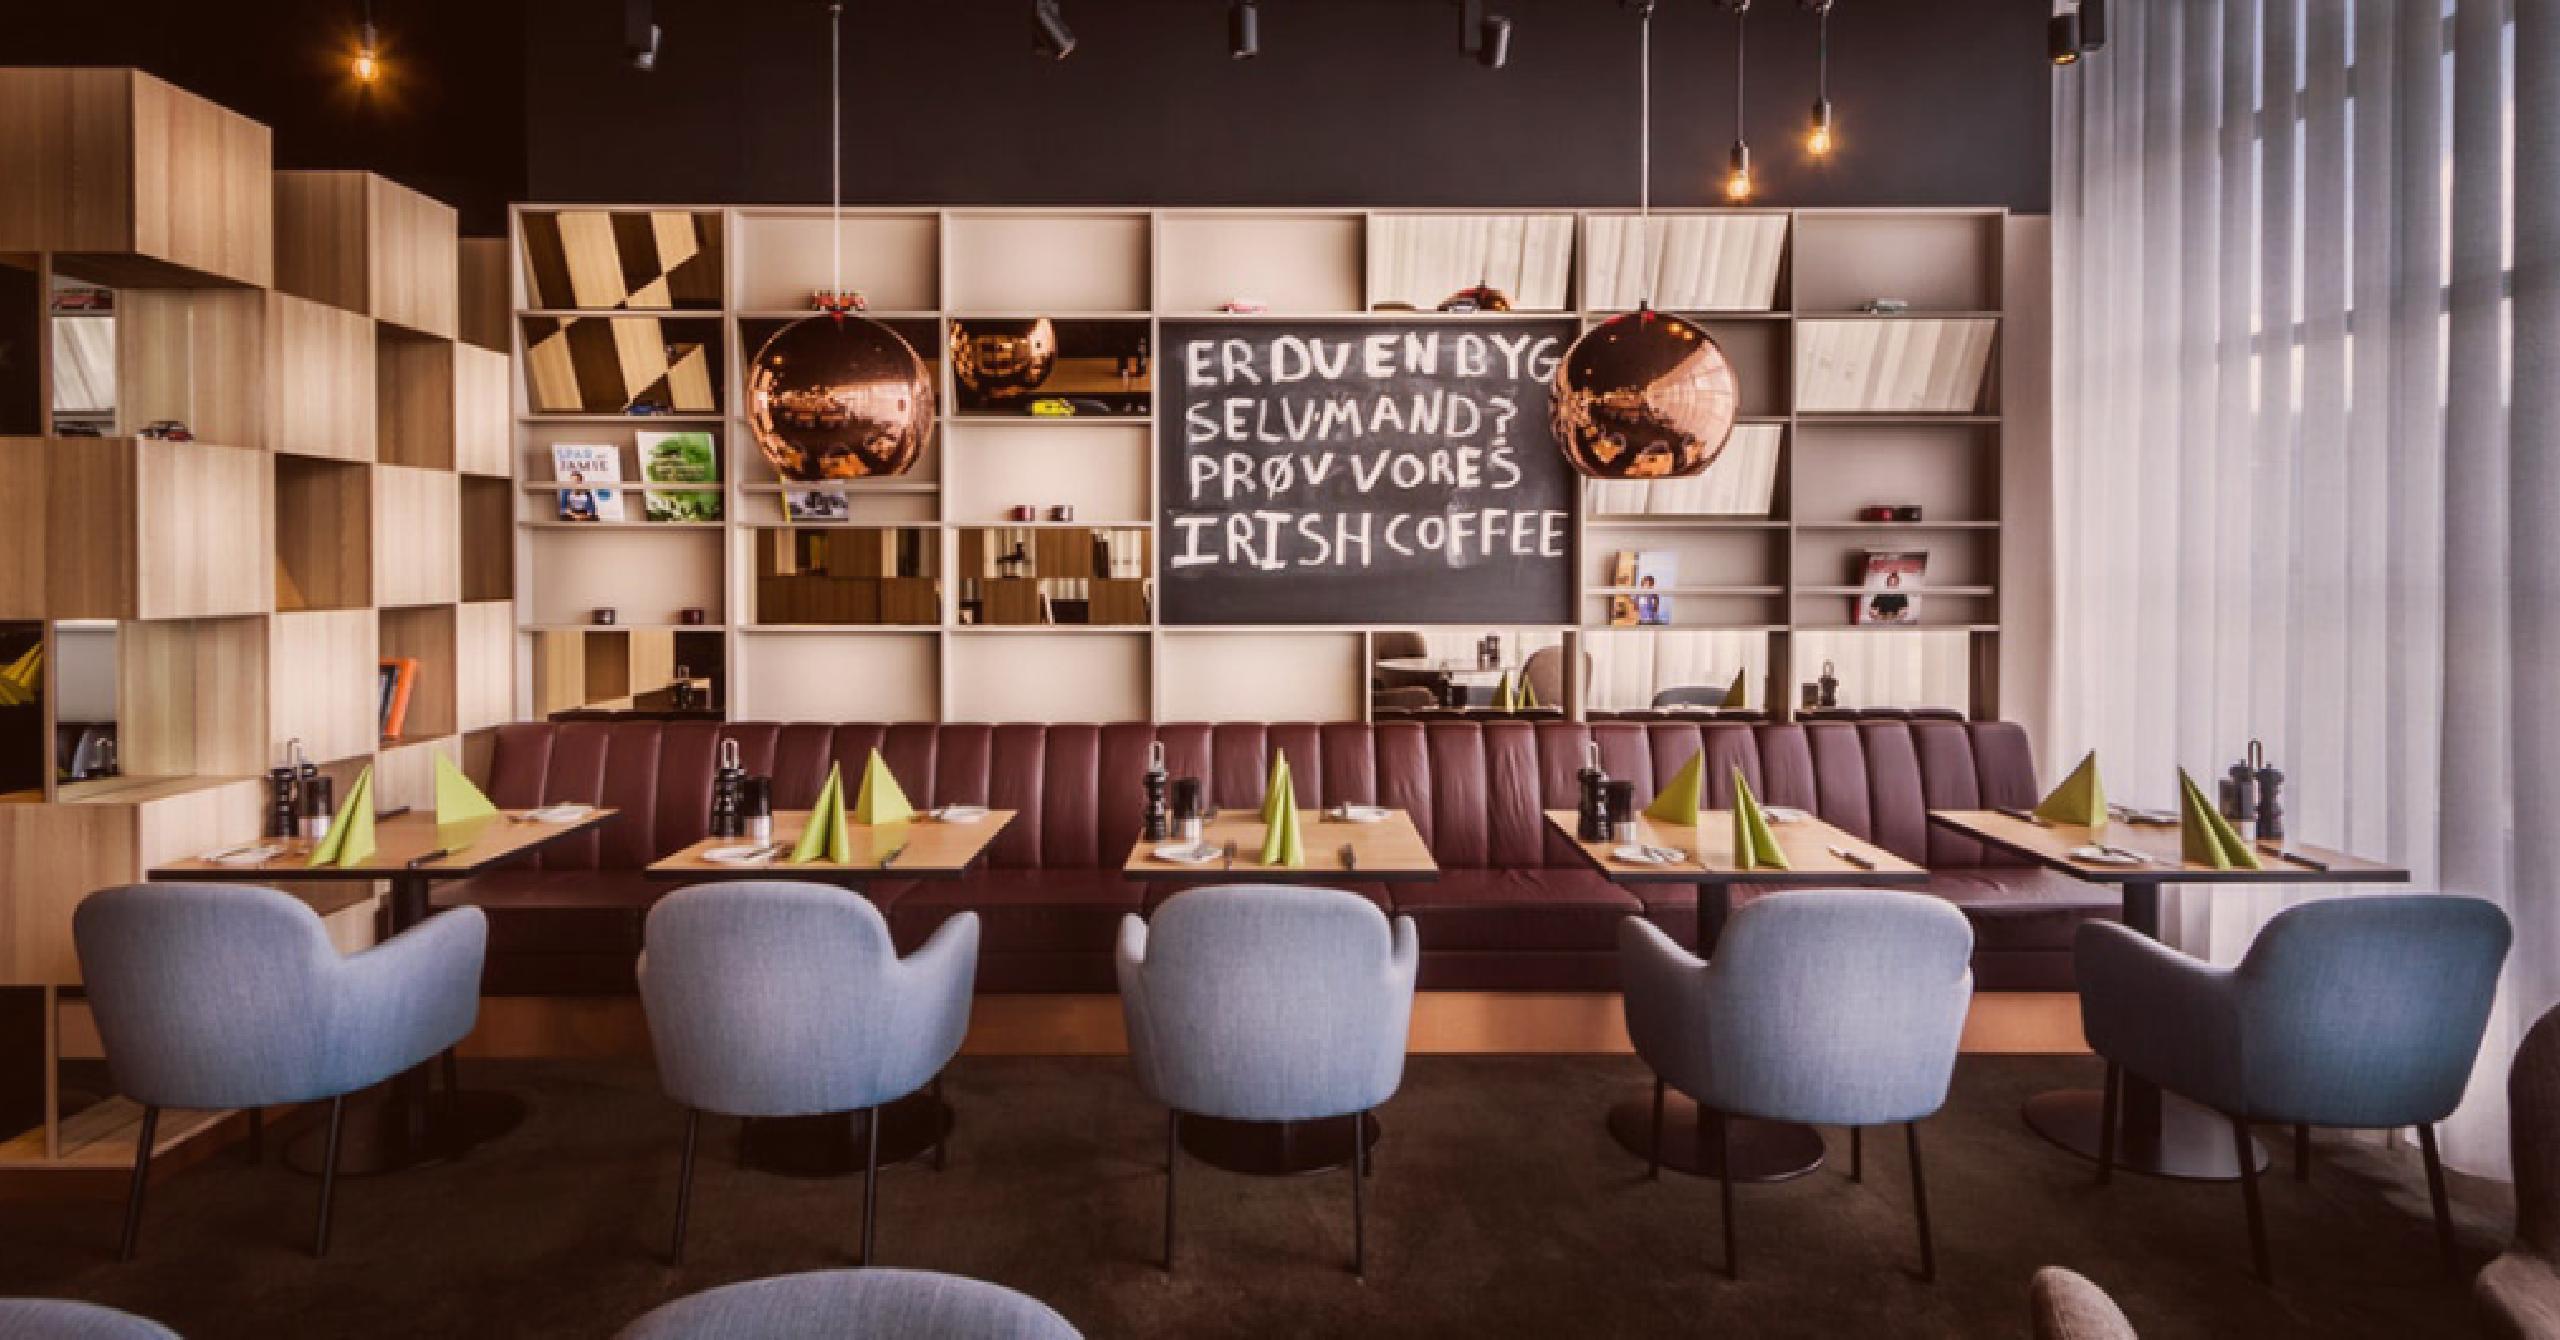 publicidade dentro do restaurante